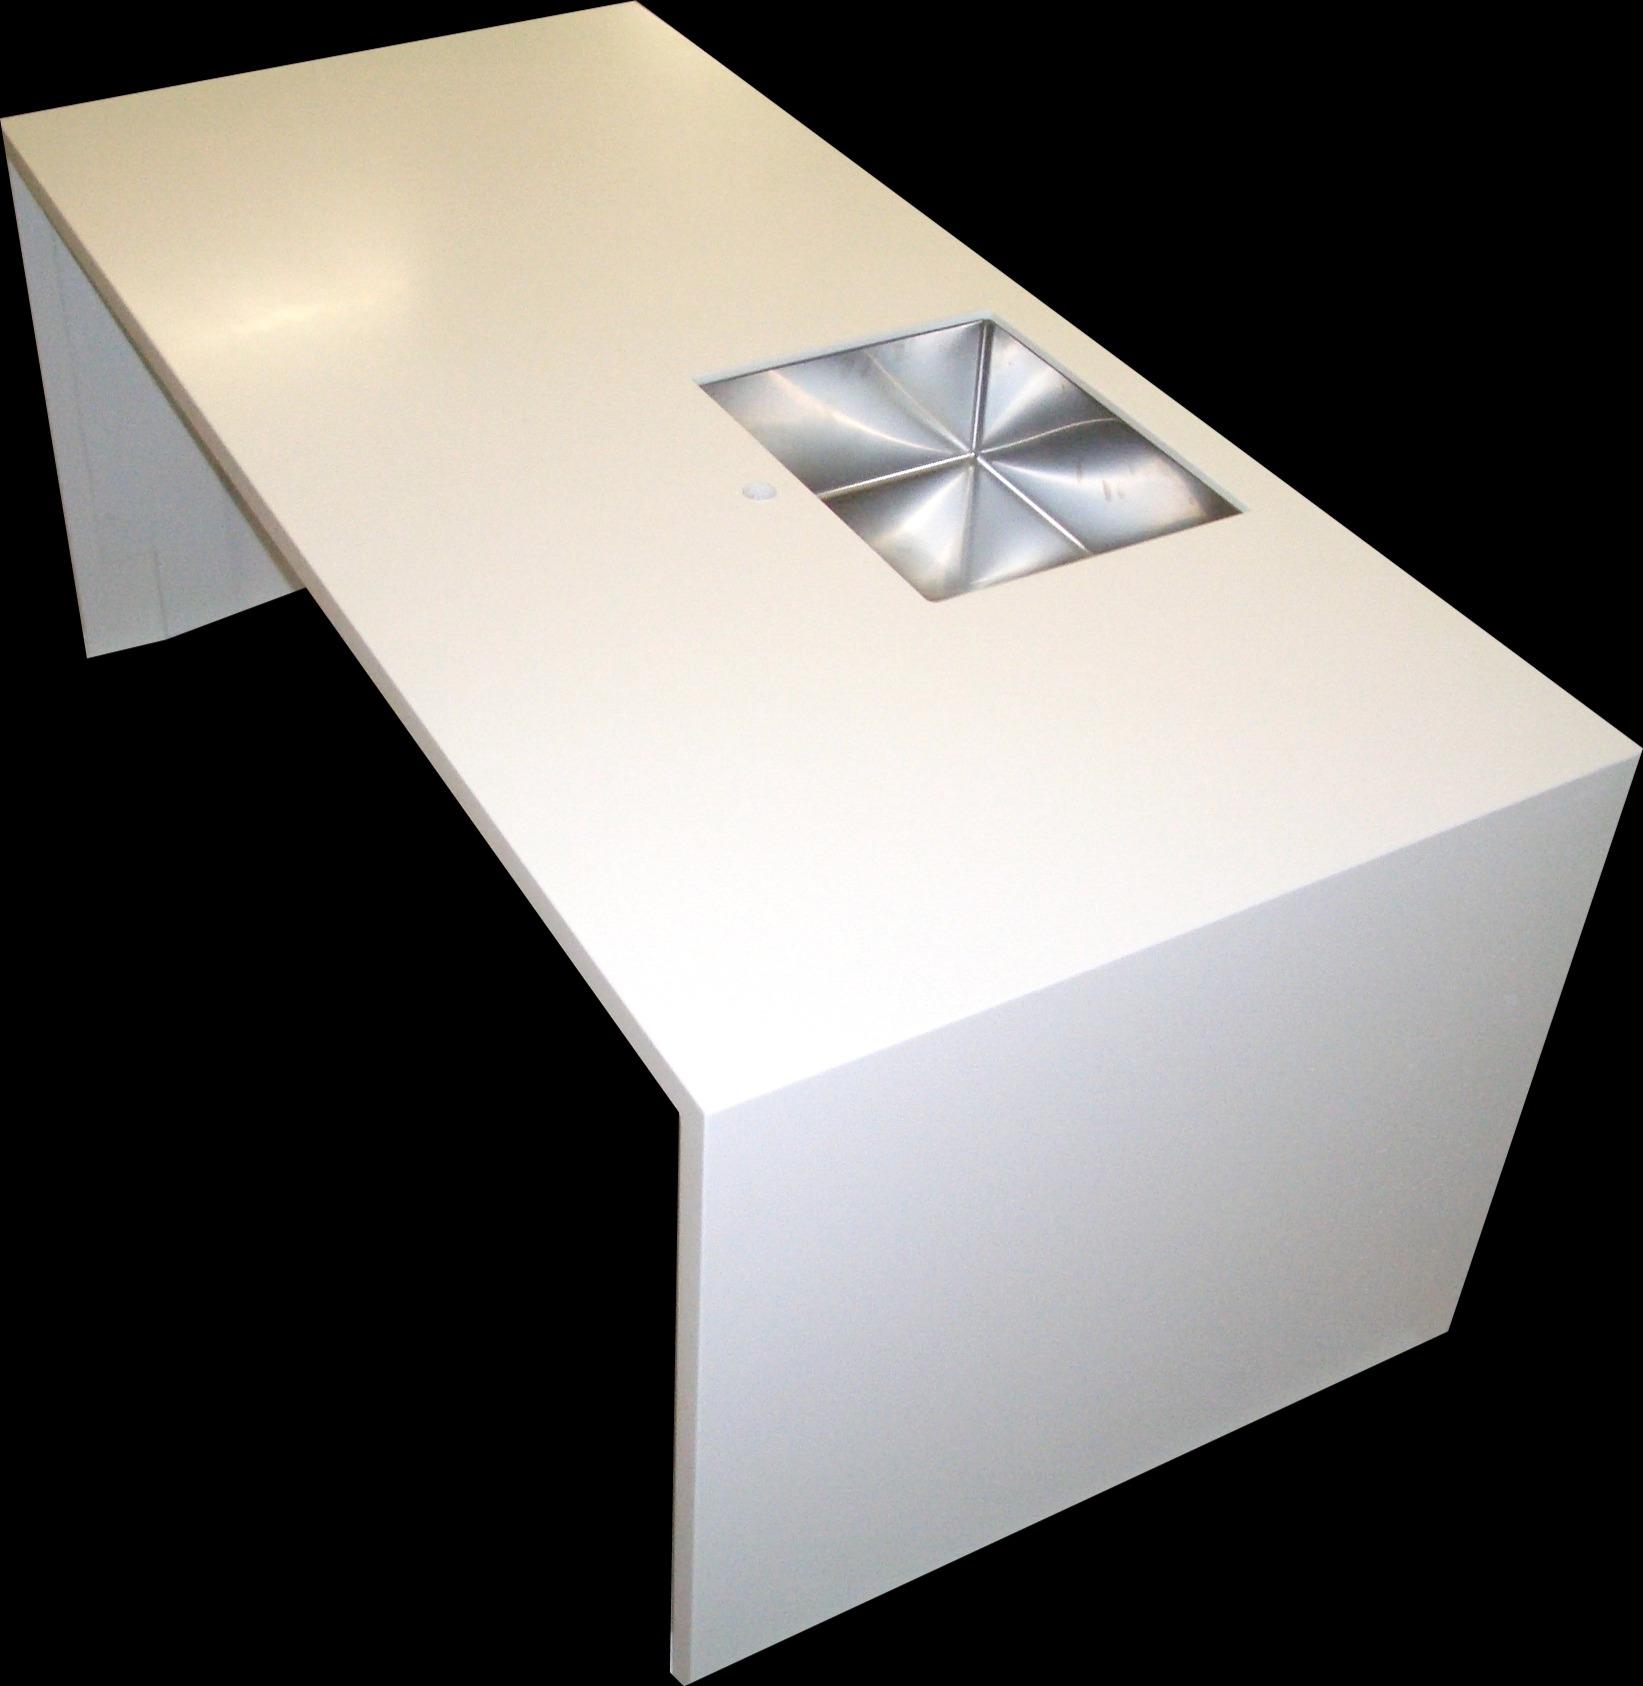 Broløsning i Dupont Corian , tykkelse 40 mm, med underlimet stålvask Intra Quadra 500.